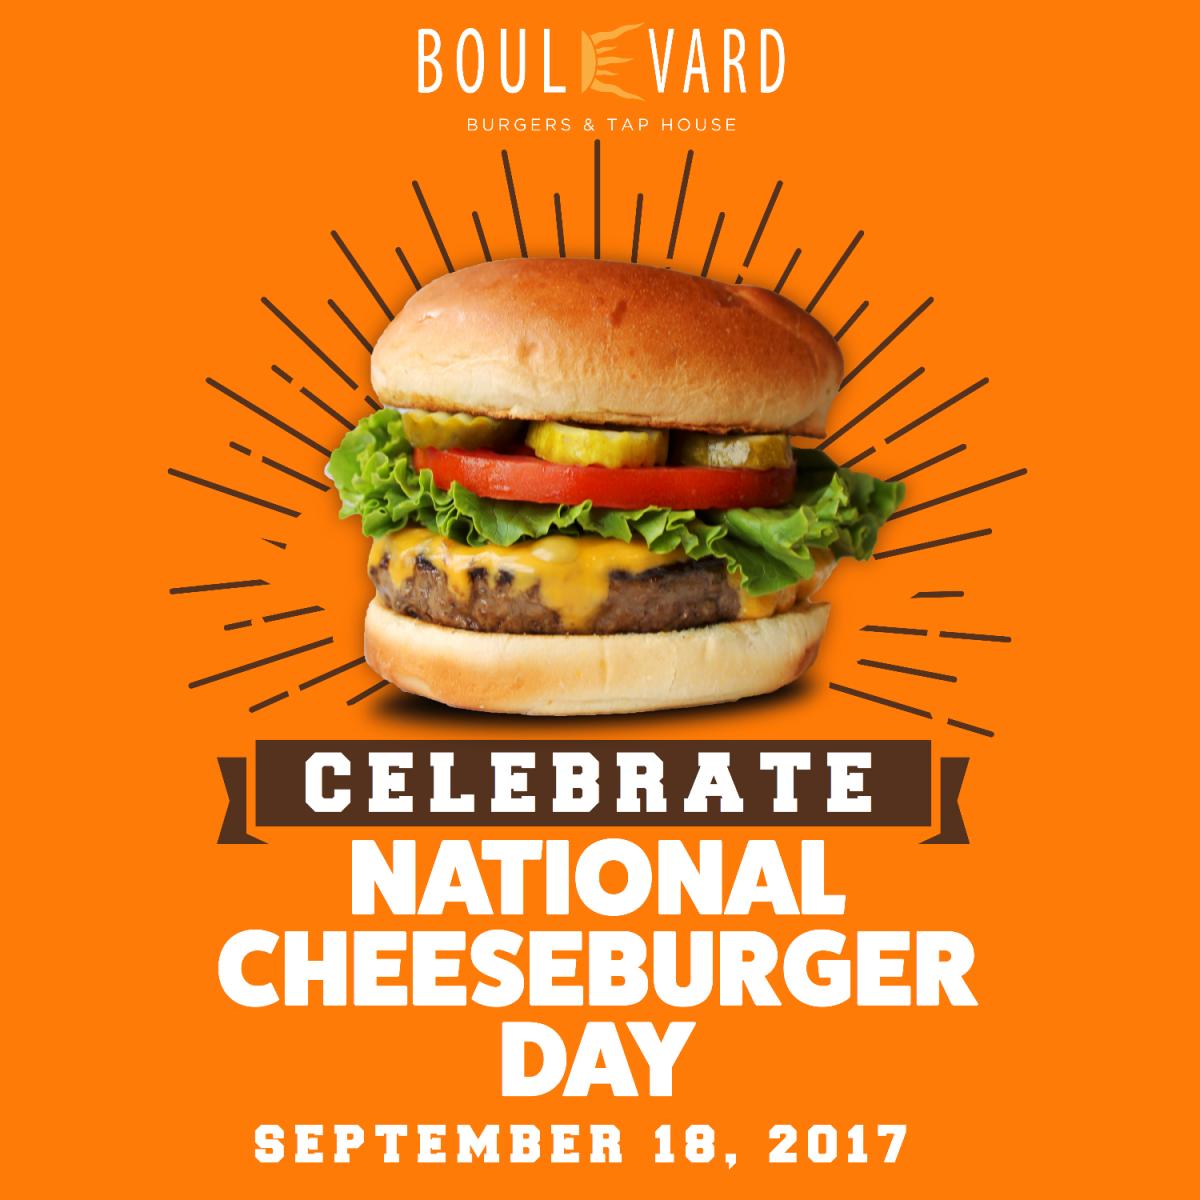 National Cheeseburger Day at Boulevard Burgers